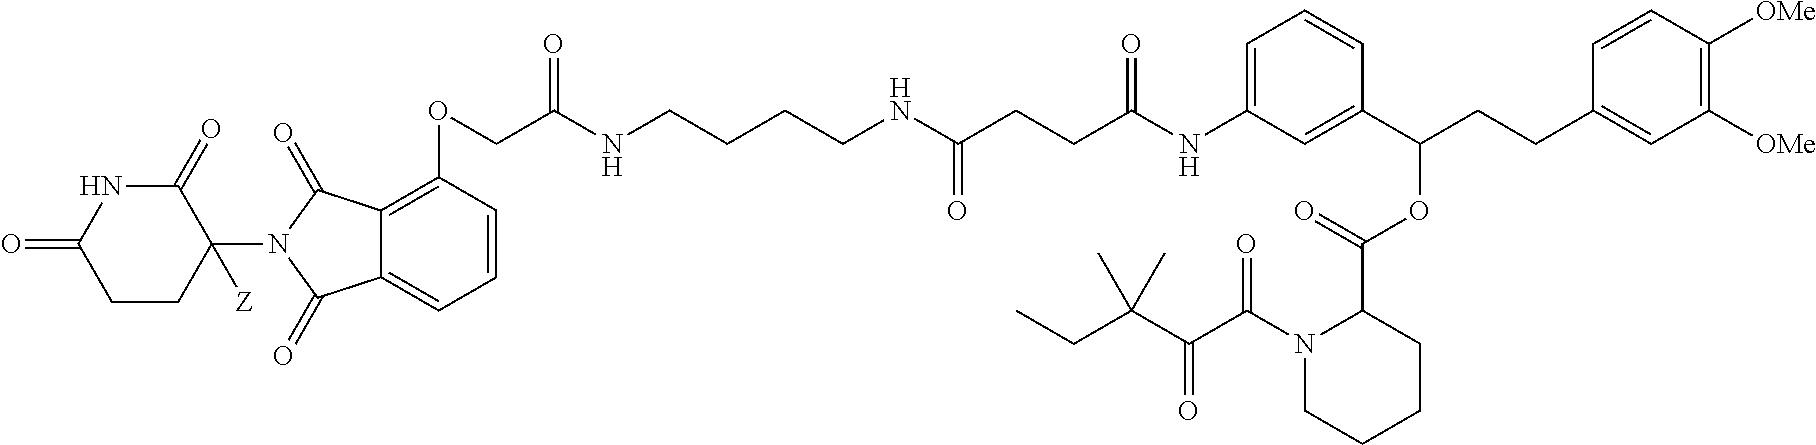 Figure US09809603-20171107-C00033